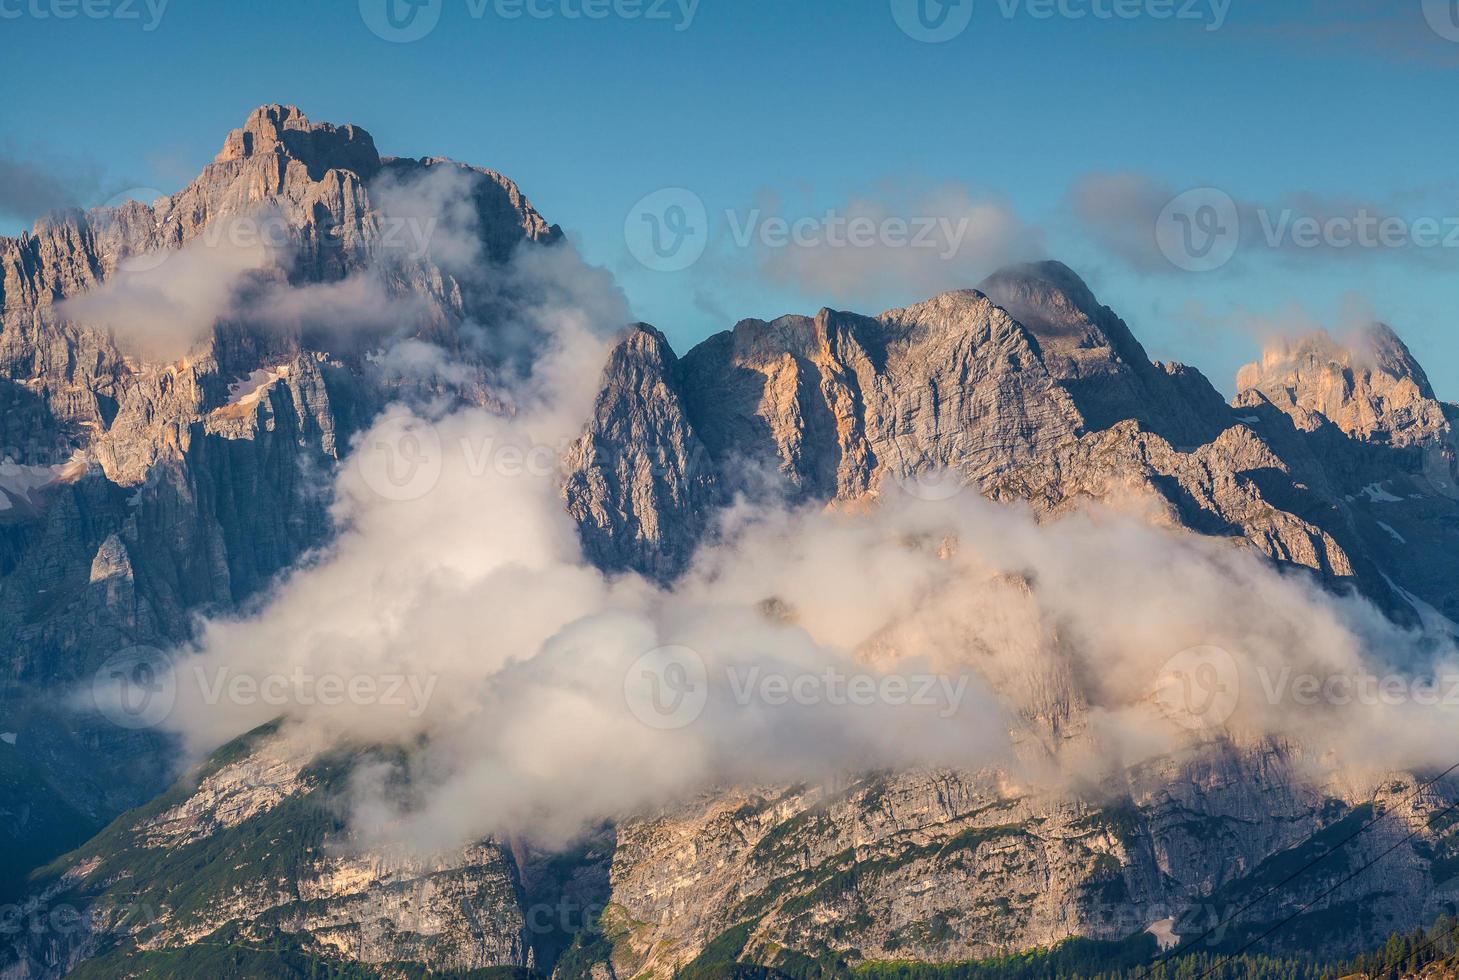 gruppo del cristallo catena montuosa al mattino nebbioso d'estate foto